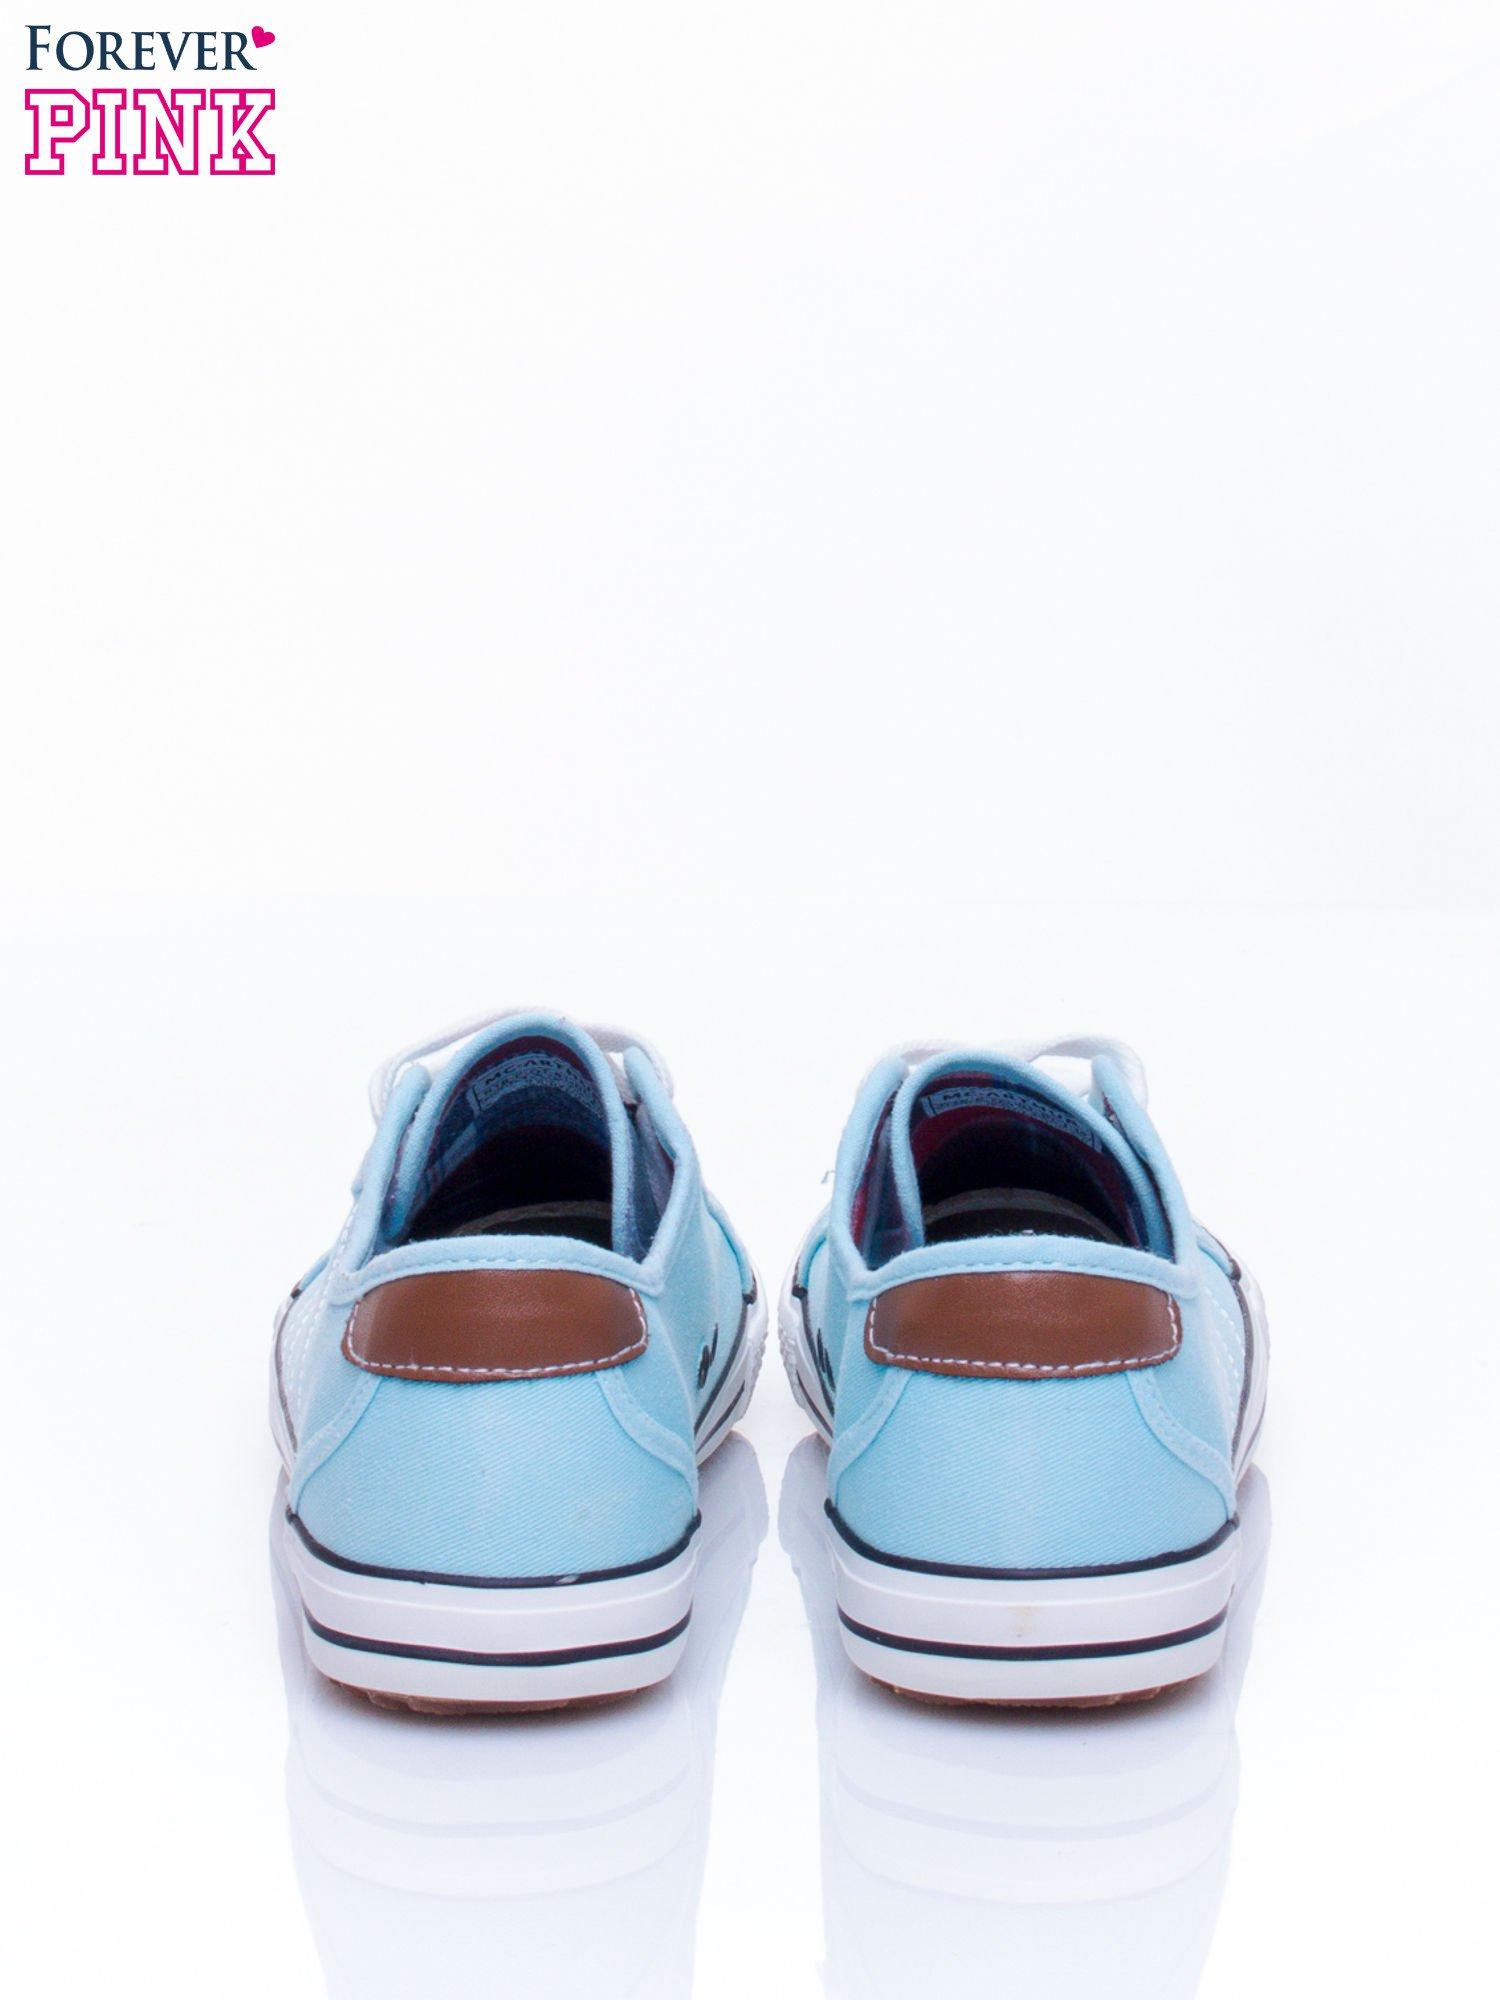 Niebieskie trampki damskie ze skórzaną naszywką                                  zdj.                                  5